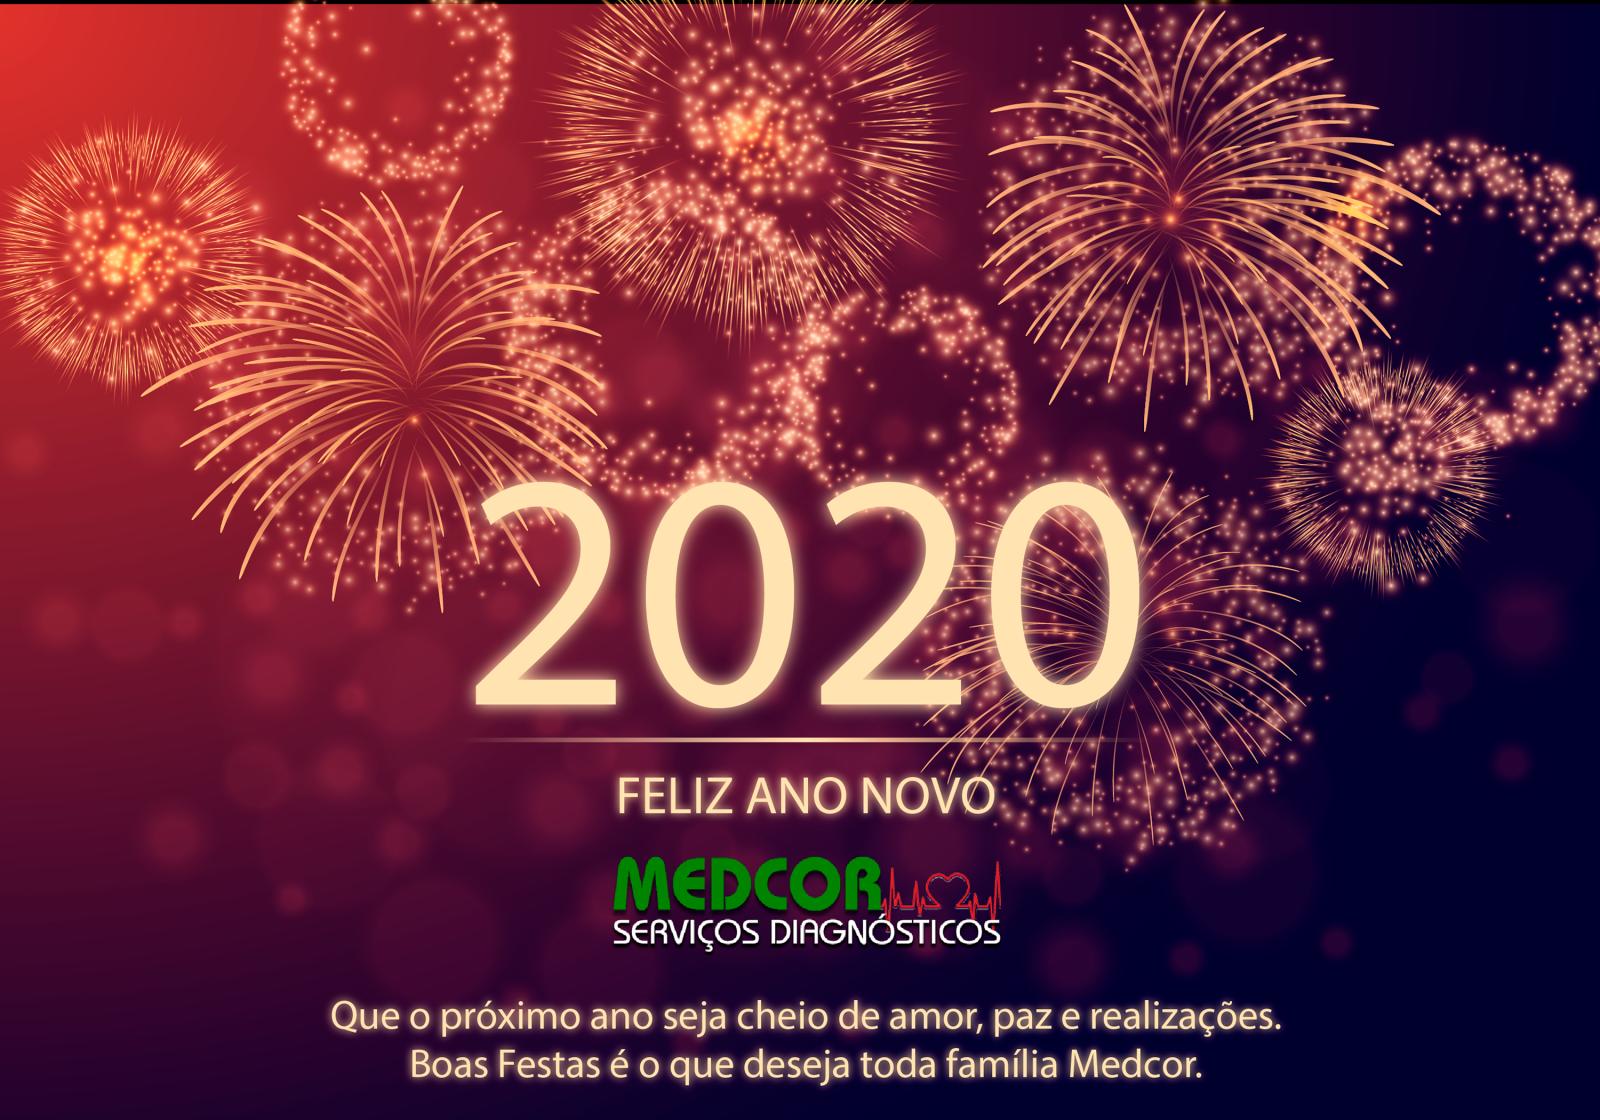 Que o próximo ano seja cheio de amor, paz e realizações. Boas Festas é o que deseja toda família Medcor.